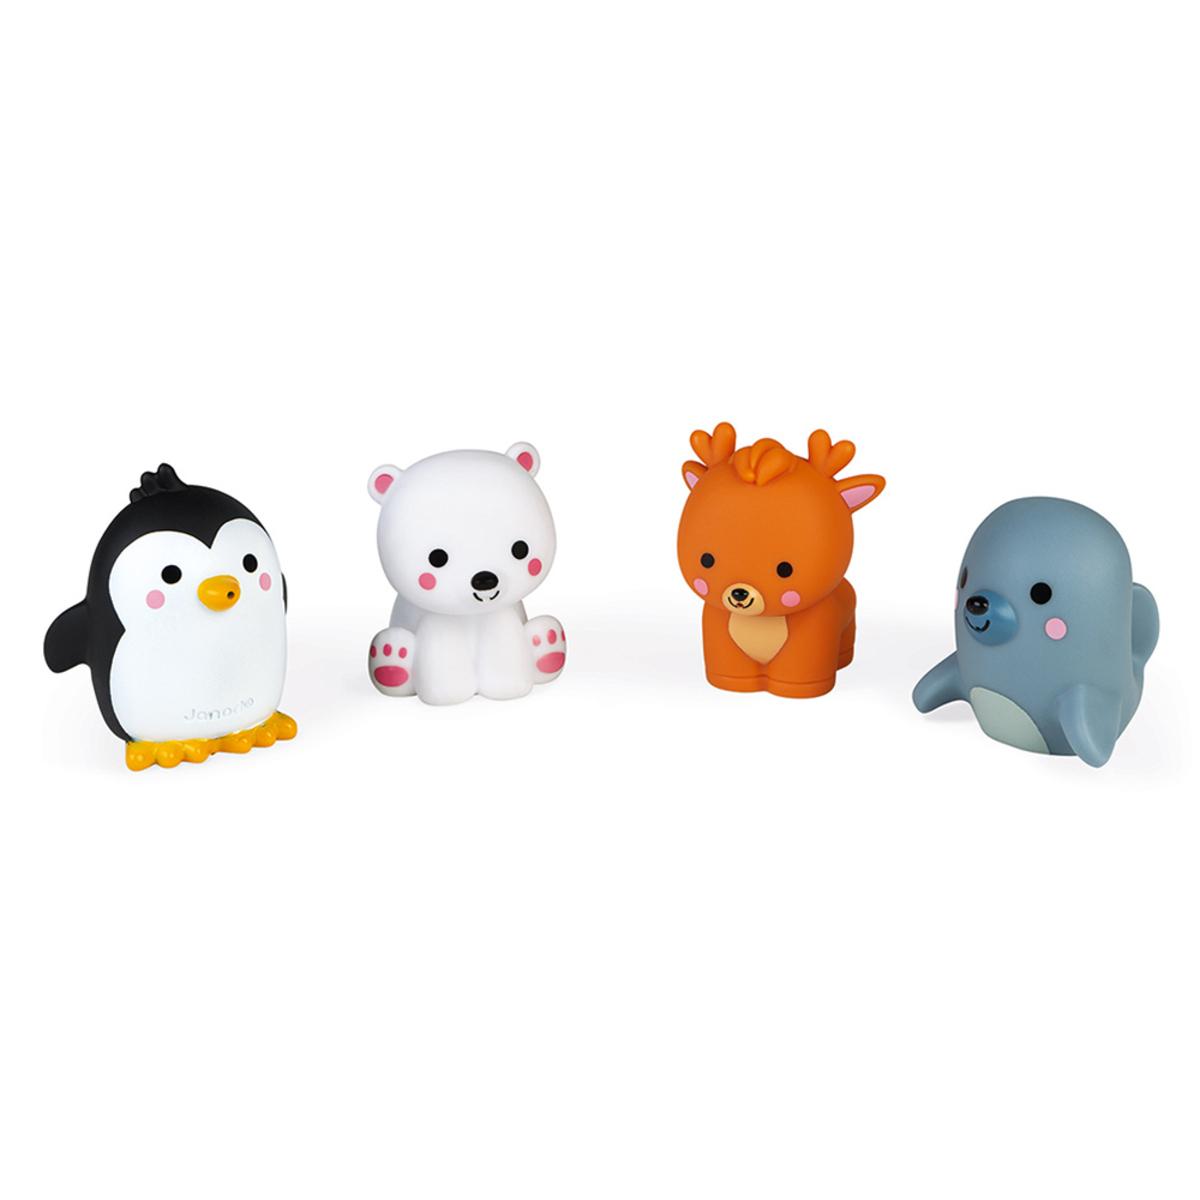 Mes premiers jouets Lot de 4 Gicleurs de Bain - Les Animaux Polaires Lot de 4 Gicleurs de Bain - Les Animaux Polaires